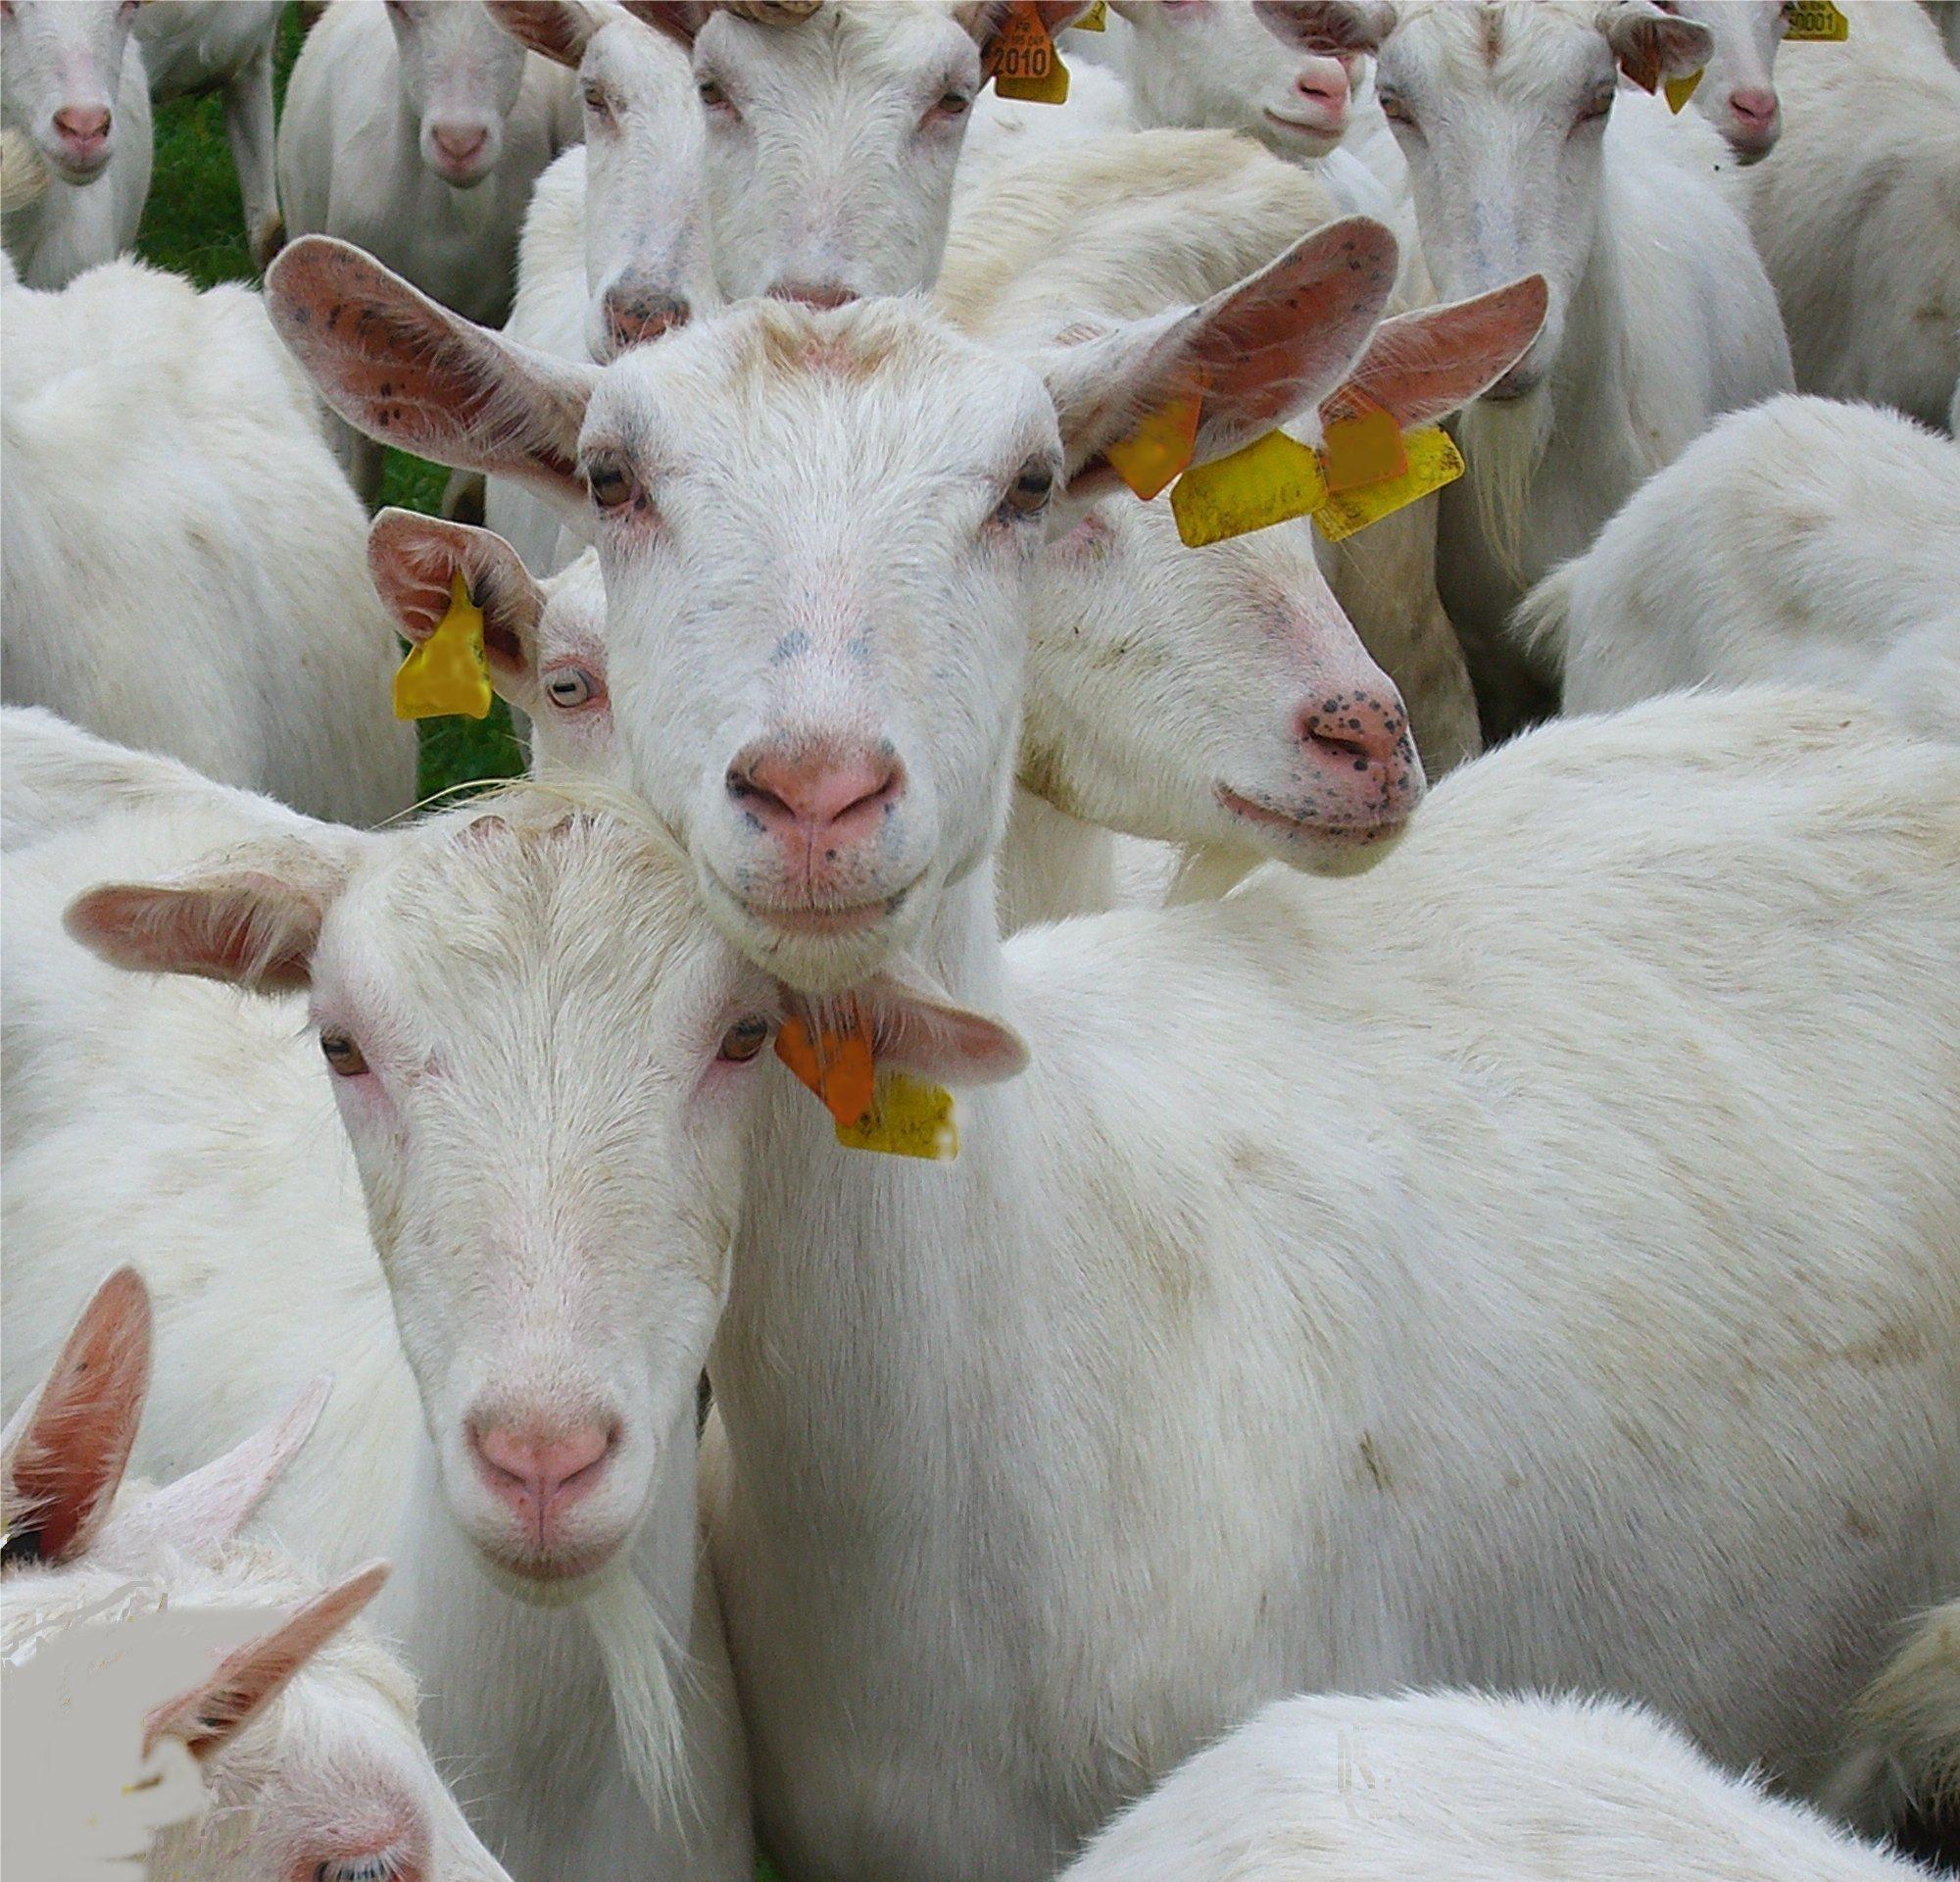 Caprins chambre d 39 agriculture aveyron - Chambre d agriculture d auvergne ...